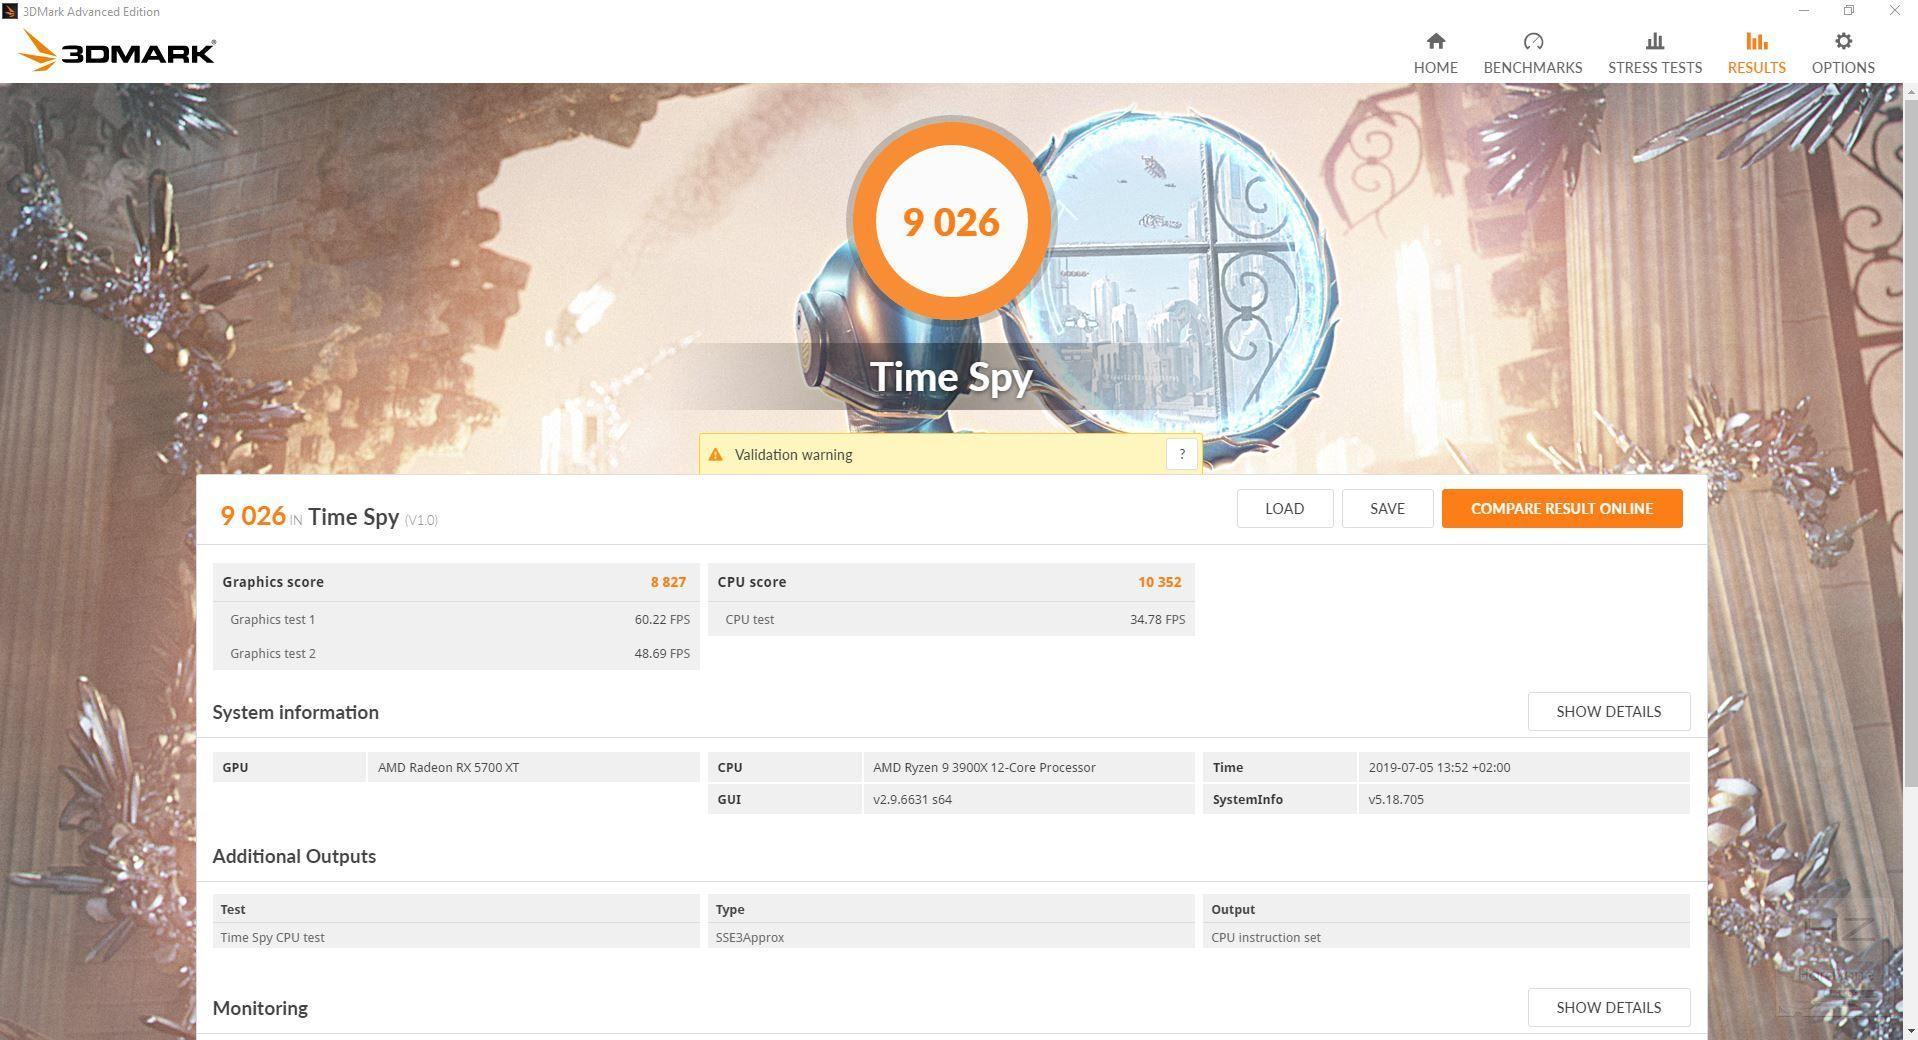 AMD Ryzen 3900X - Review Benchmark 14